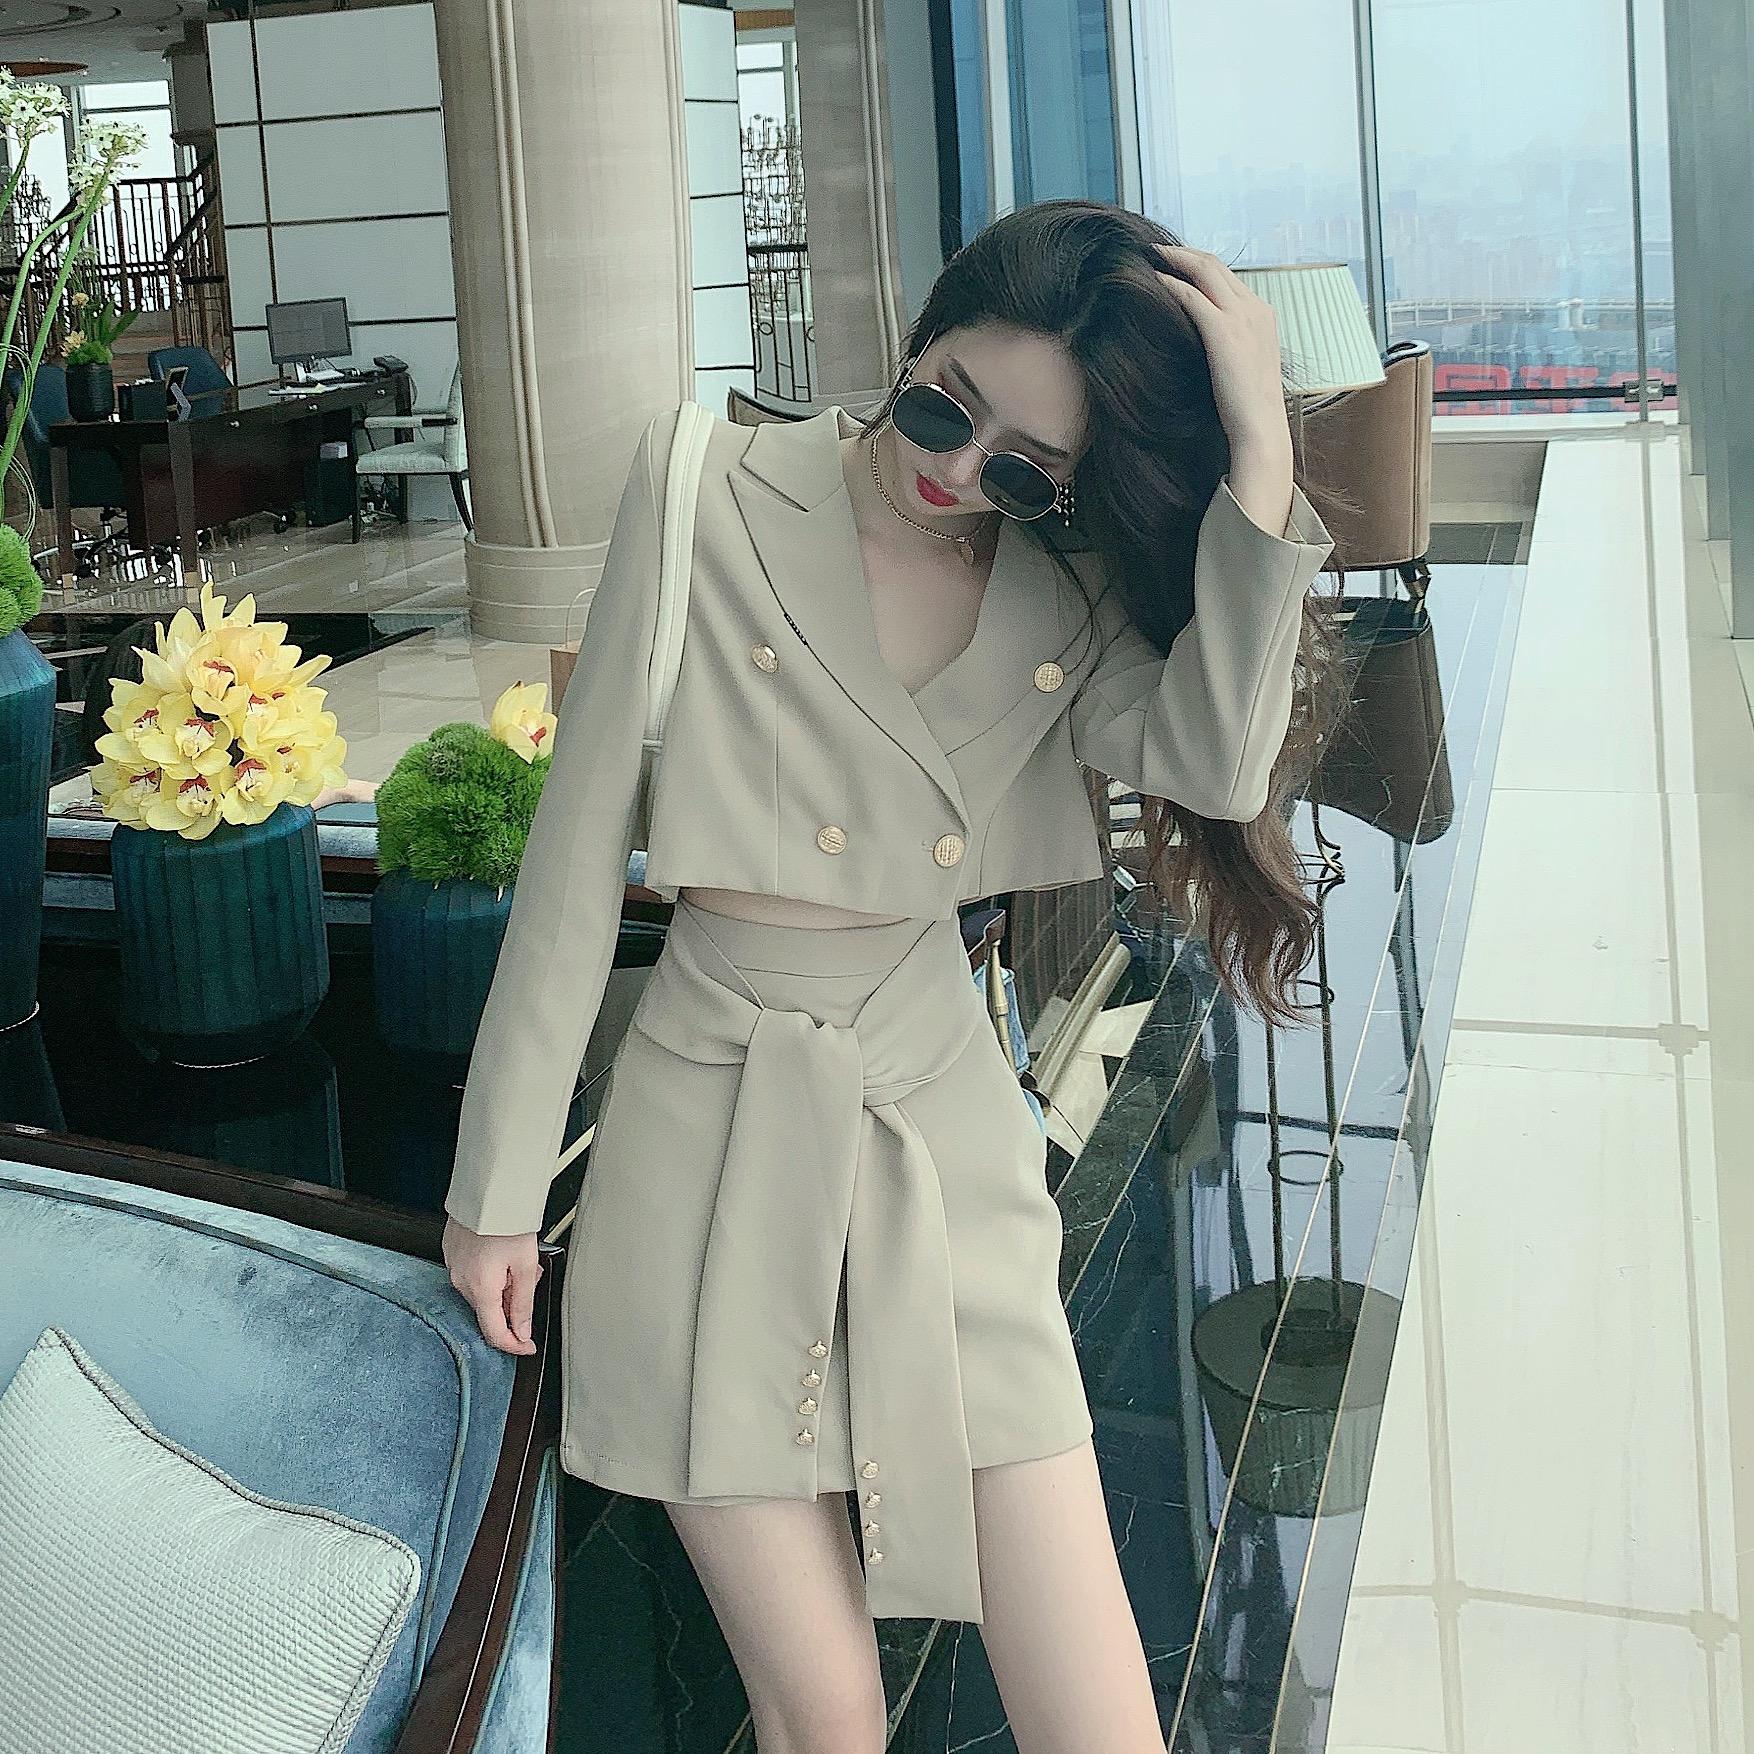 实拍实价秋装韩版女装修身显瘦气质高端短裙时尚潮流翻领套装